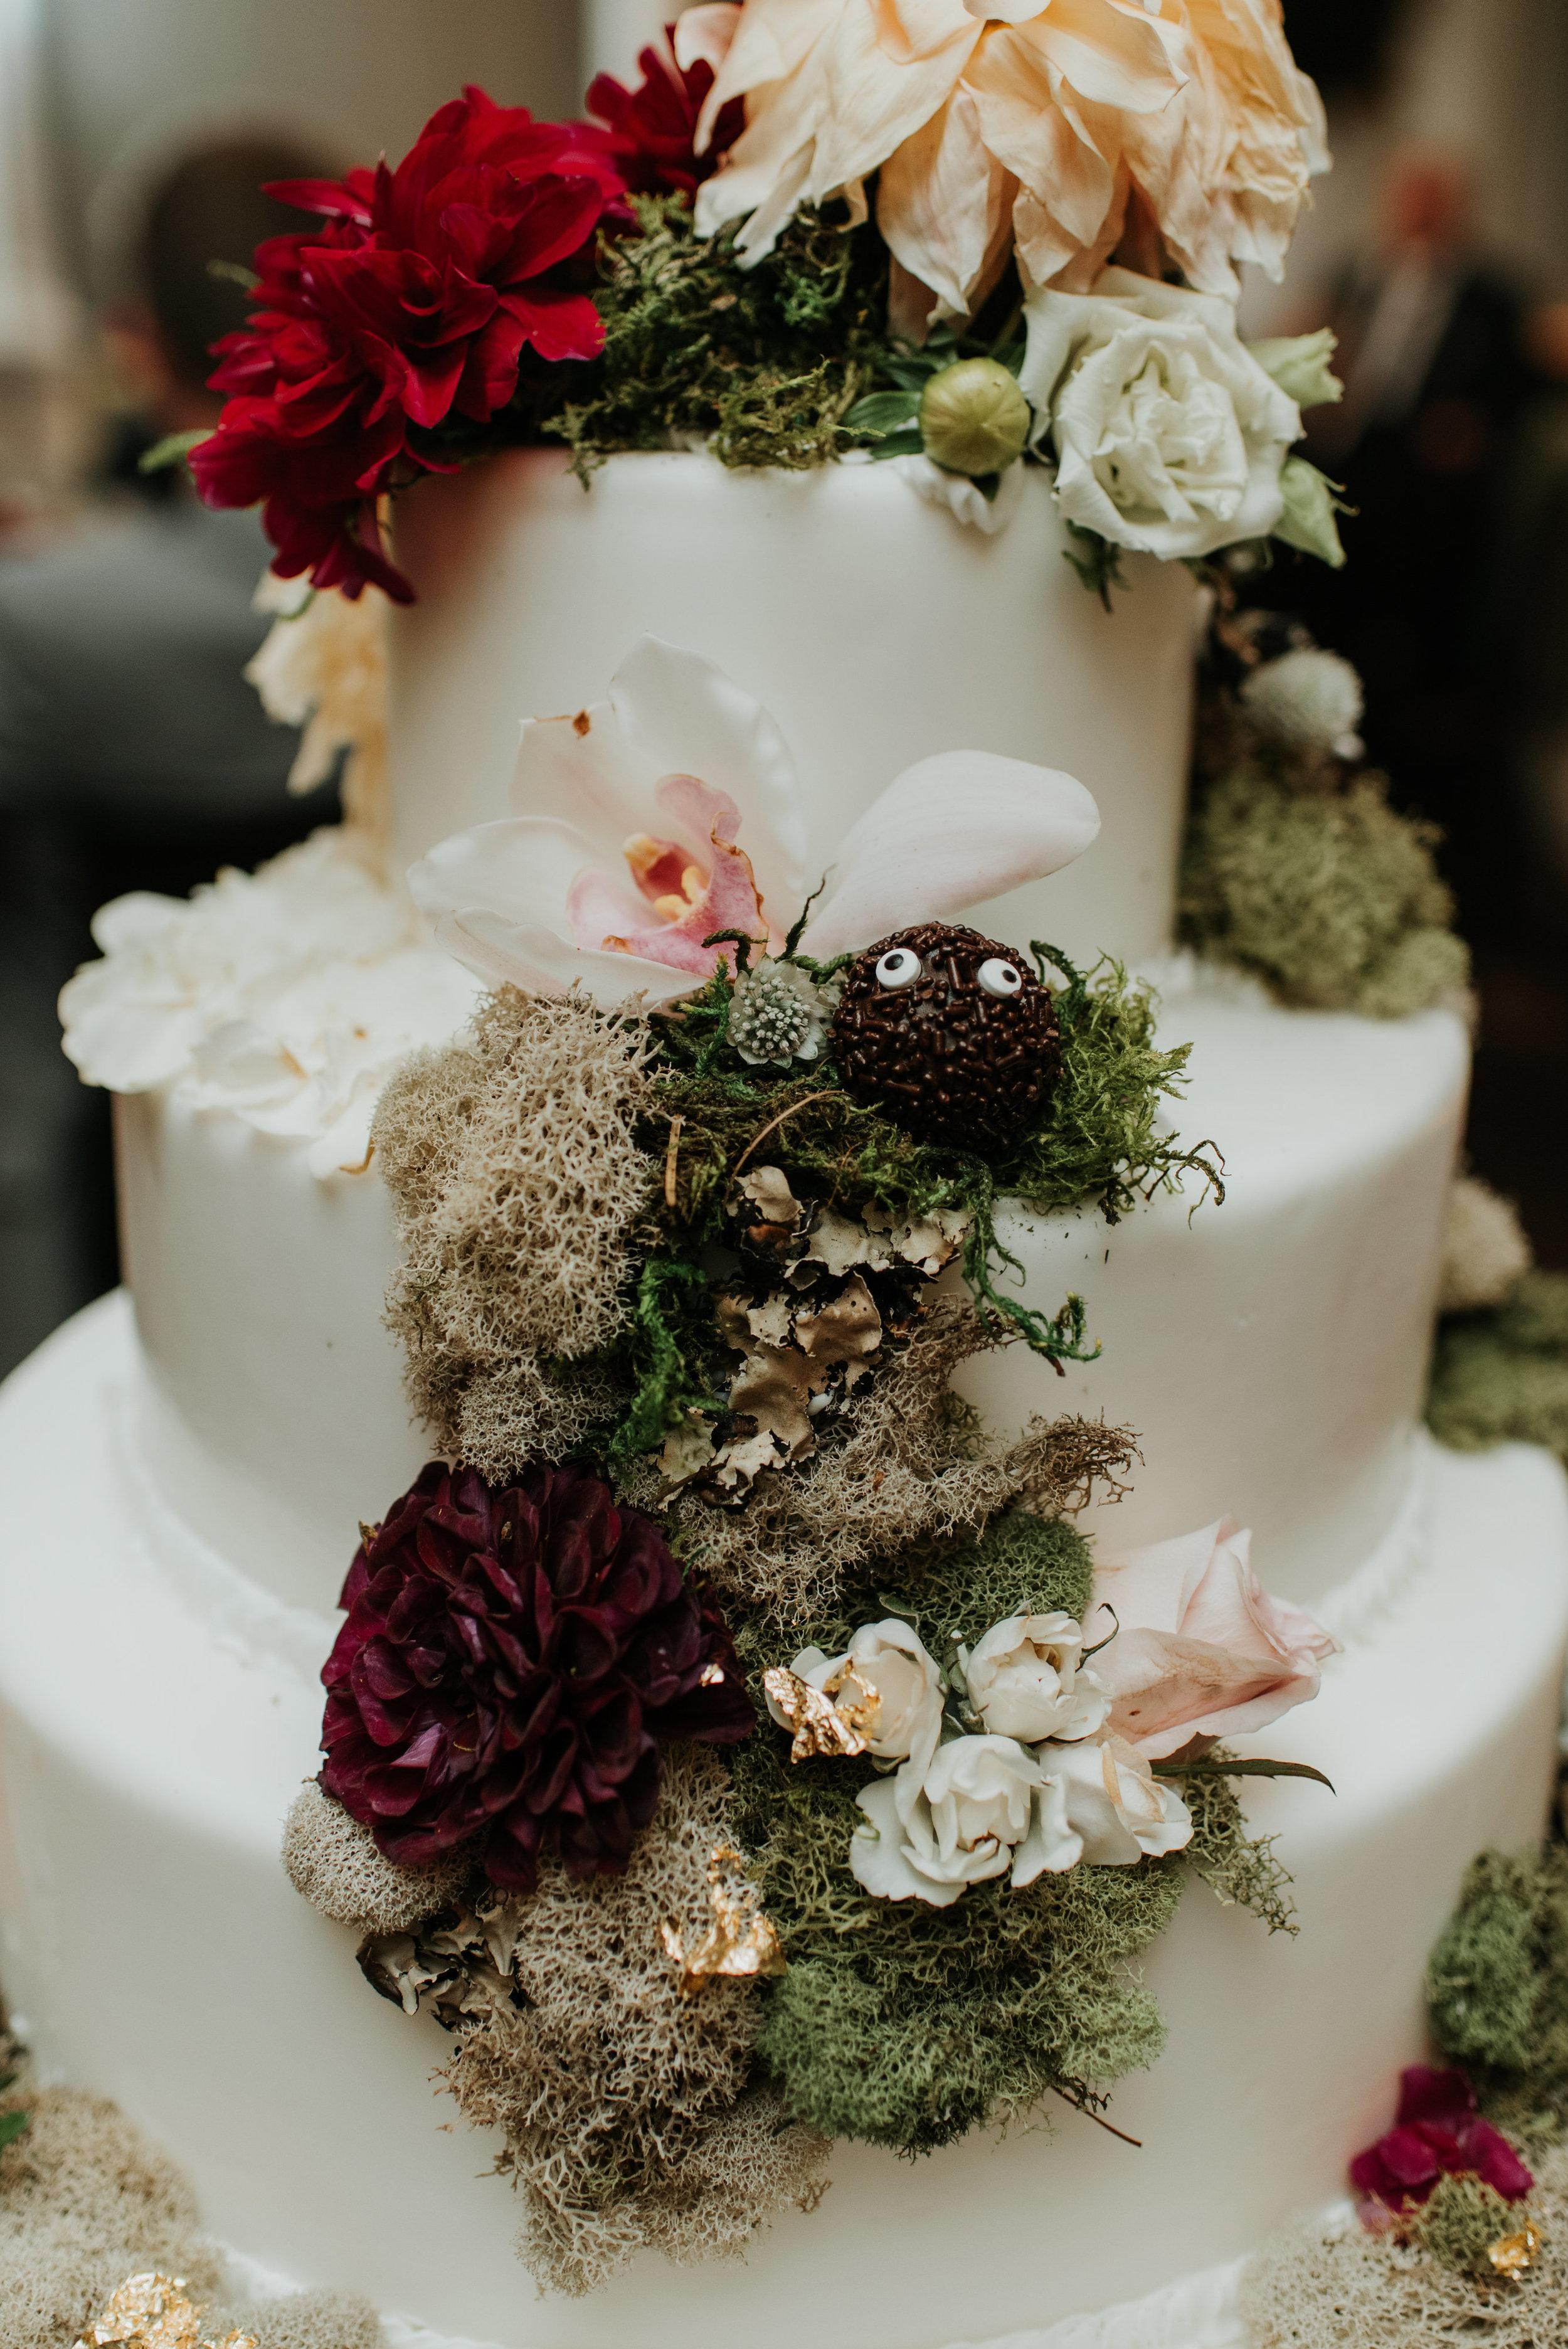 10 08 2017 Jessie and Matthew Daniel-10 Reception Cake-0005.jpg